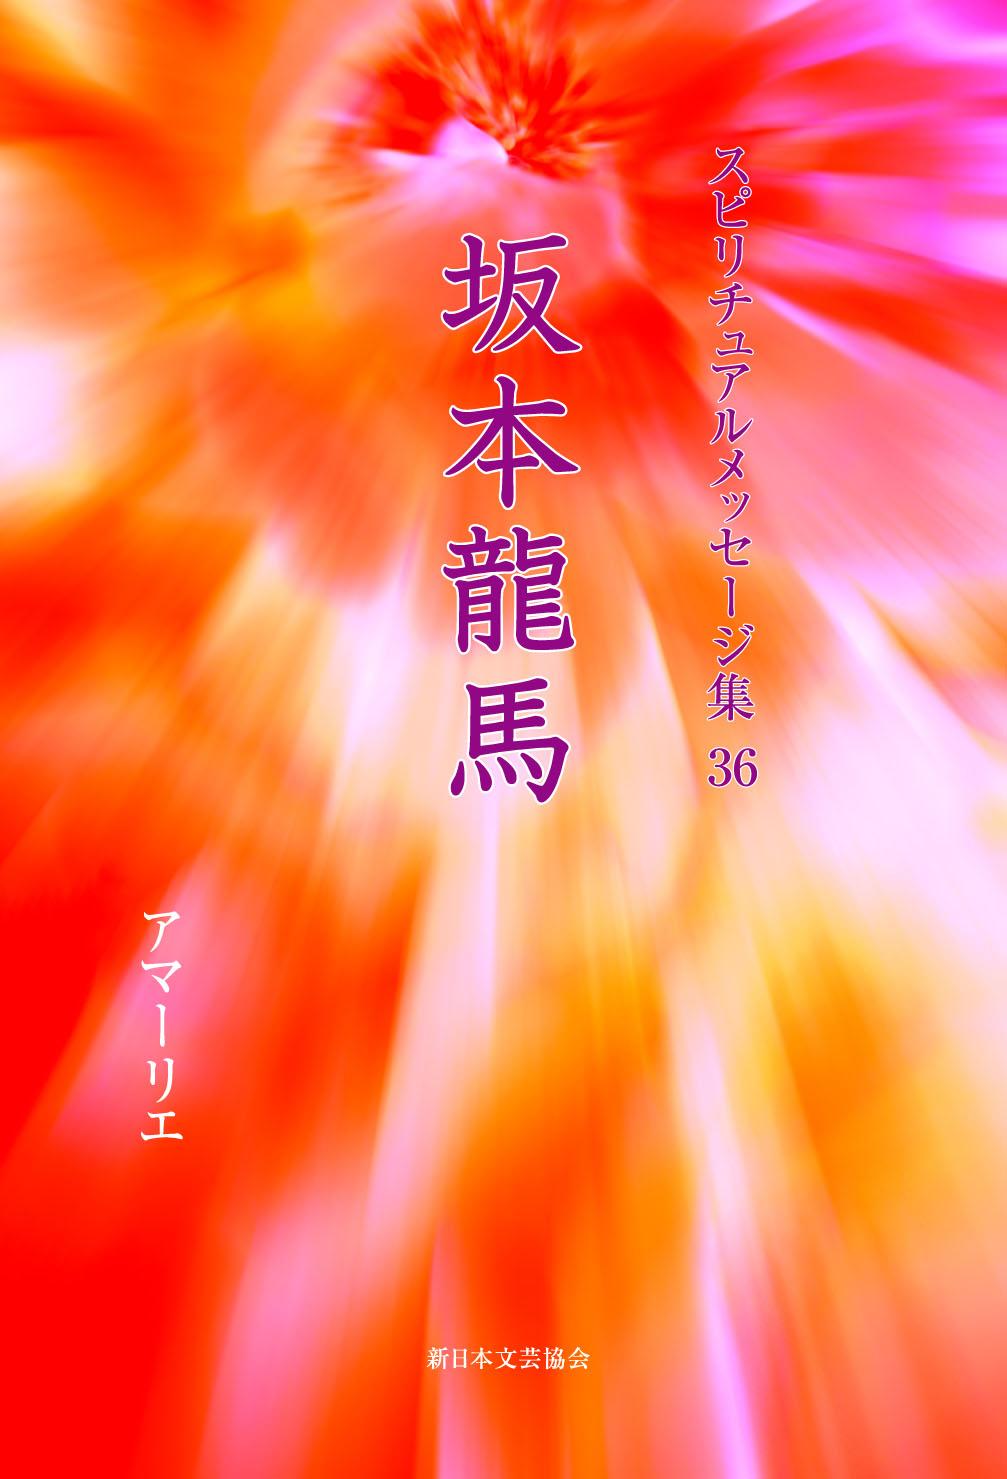 画像1: スピリチュアルメッセージ集36 坂本龍馬 (1)